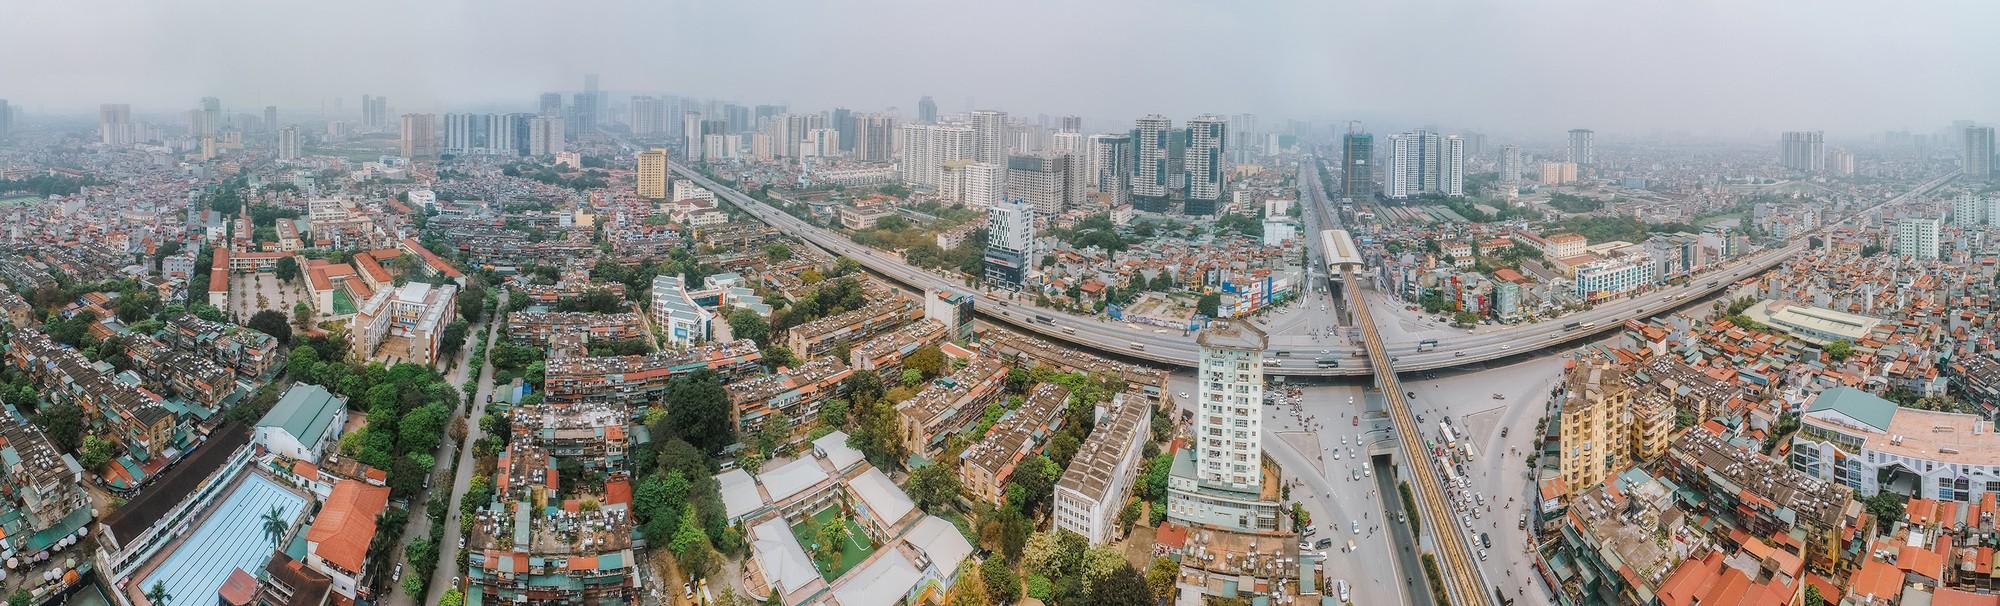 """Toàn cảnh """"rừng"""" cao ốc đang bóp nghẹt khu đô thị kiểu mẫu bậc nhất Hà Nội - Ảnh 15."""